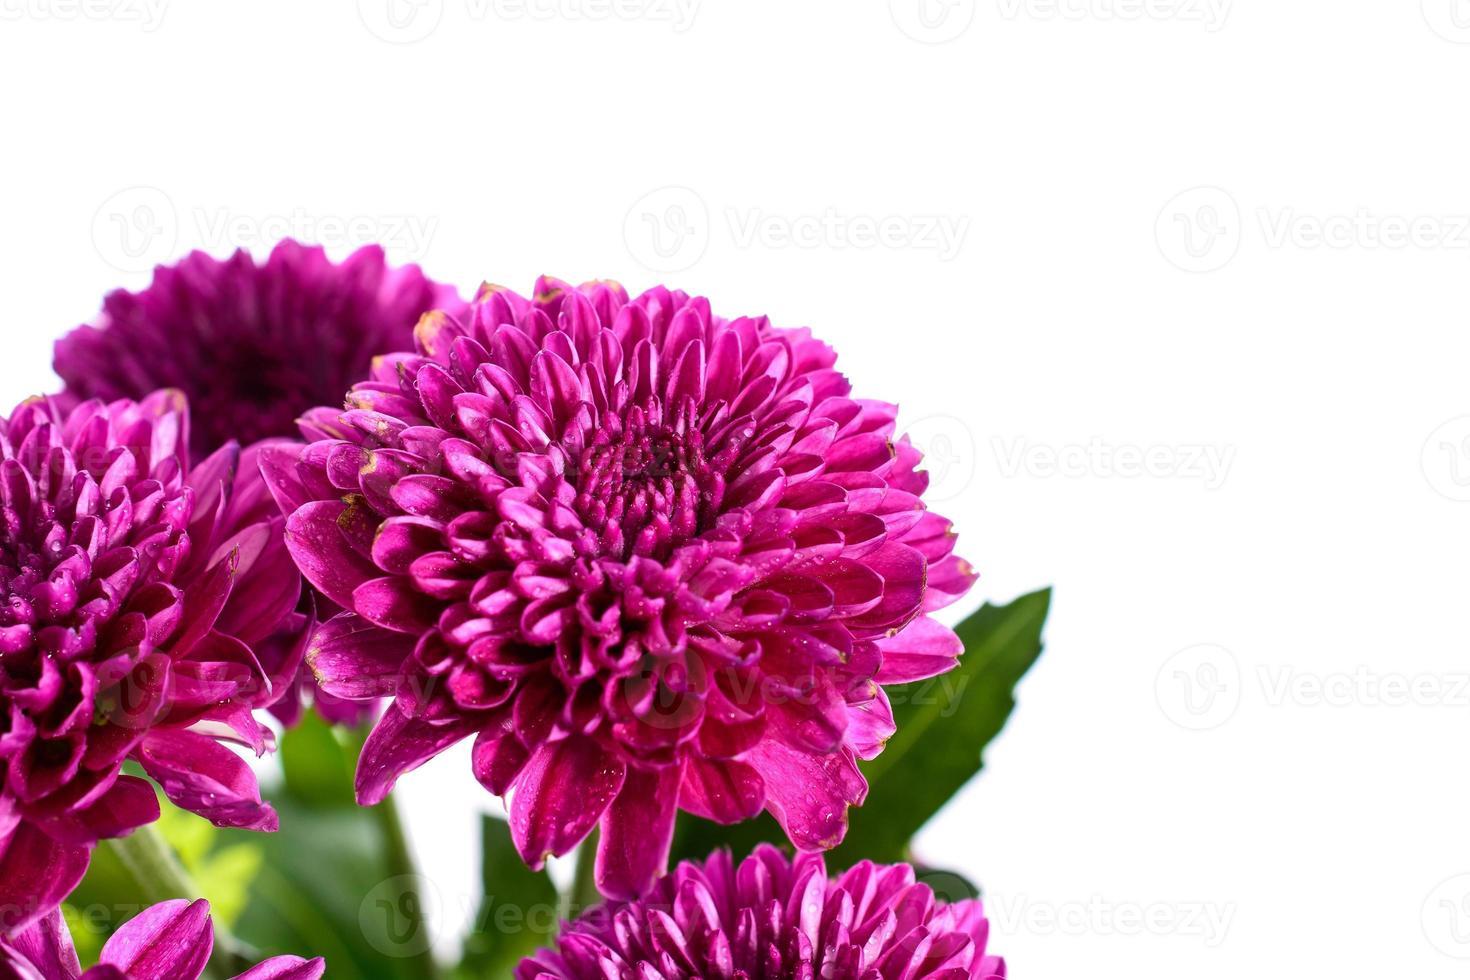 Nahaufnahme lila Chrysantheme foto